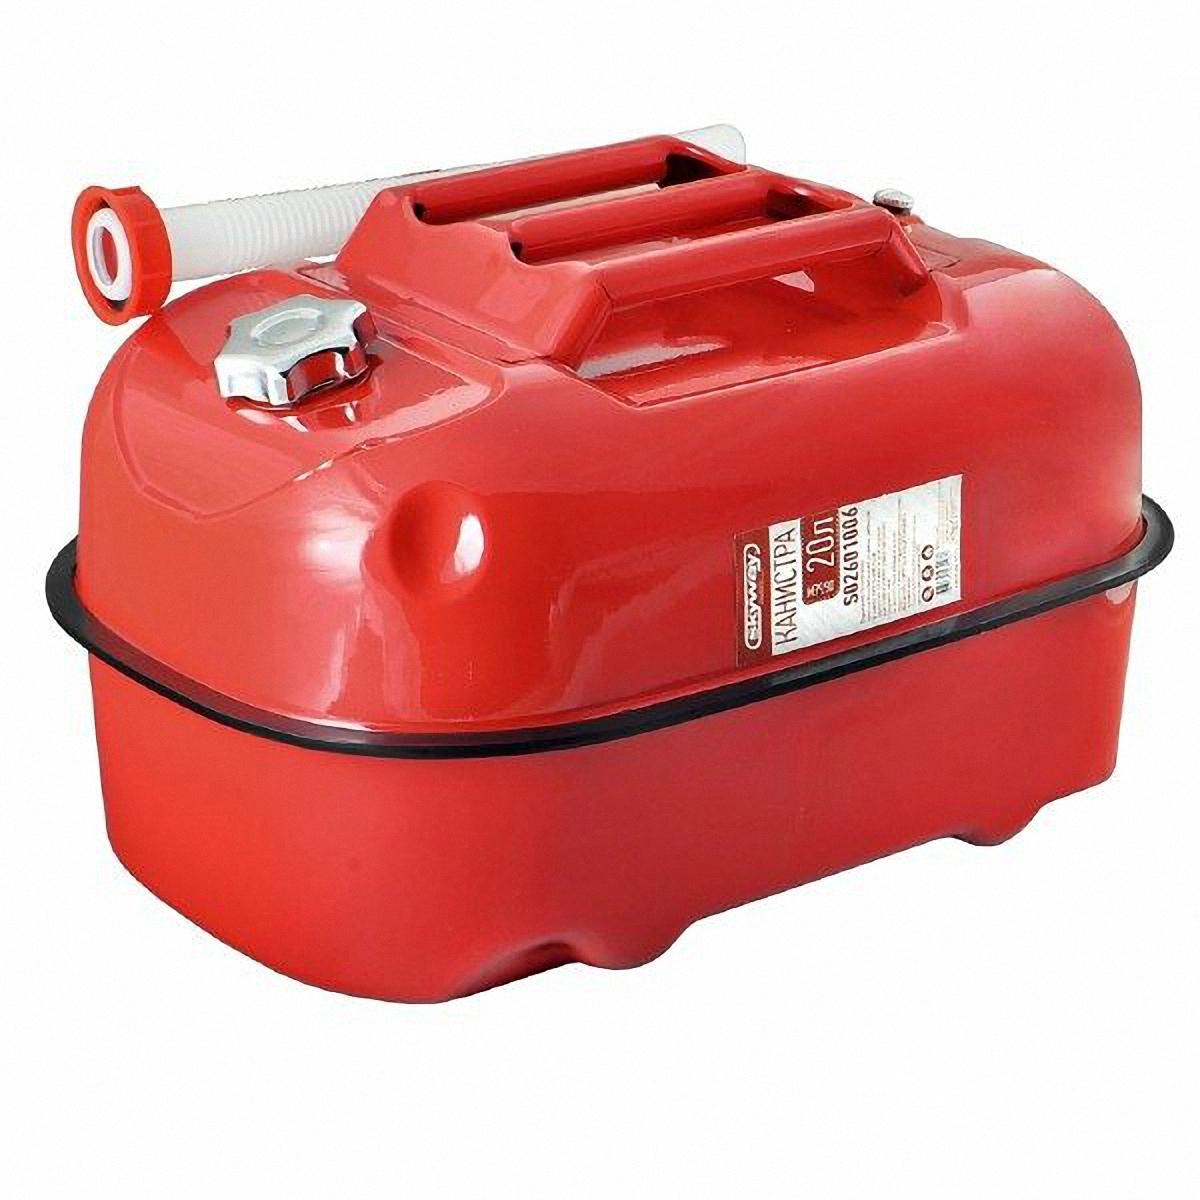 Канистра Skyway, цвет: красный, 20 лS02601006Металлическая канистра предназначена для хранения жидкостей, в том числе топлива и топливных смесей. Изготовлена из стали холодного проката, что обеспечивает повышенную прочность. Внешняя поверхность оцинкована и окрашена. Внутреннее фосфатированное антикоррозийное покрытие препятствует образованию ржавчины. Ребра жесткости на боковых поверхностях канистры придают ей прочность при механических воздействиях. Устойчивая конструкция канистры предотвращает ее перемещение в багажнике при интенсивном движении, снижая уровень нежелательного шума. Механический механизм горловины предохраняет содержимое от протекания, а особые материалы резиновой прокладки придают ей высокую долговечность и устойчивость к механическим повреждениям в процессе эксплуатации.Конструкция рычажного механизма крышки предотвращает появления люфта при активной эксплуатации. Специализированная форма носика исключает проливание жидкости. В комплект входит трубка-лейка, что позволяет наполнить любую неудобно расположенную емкость.